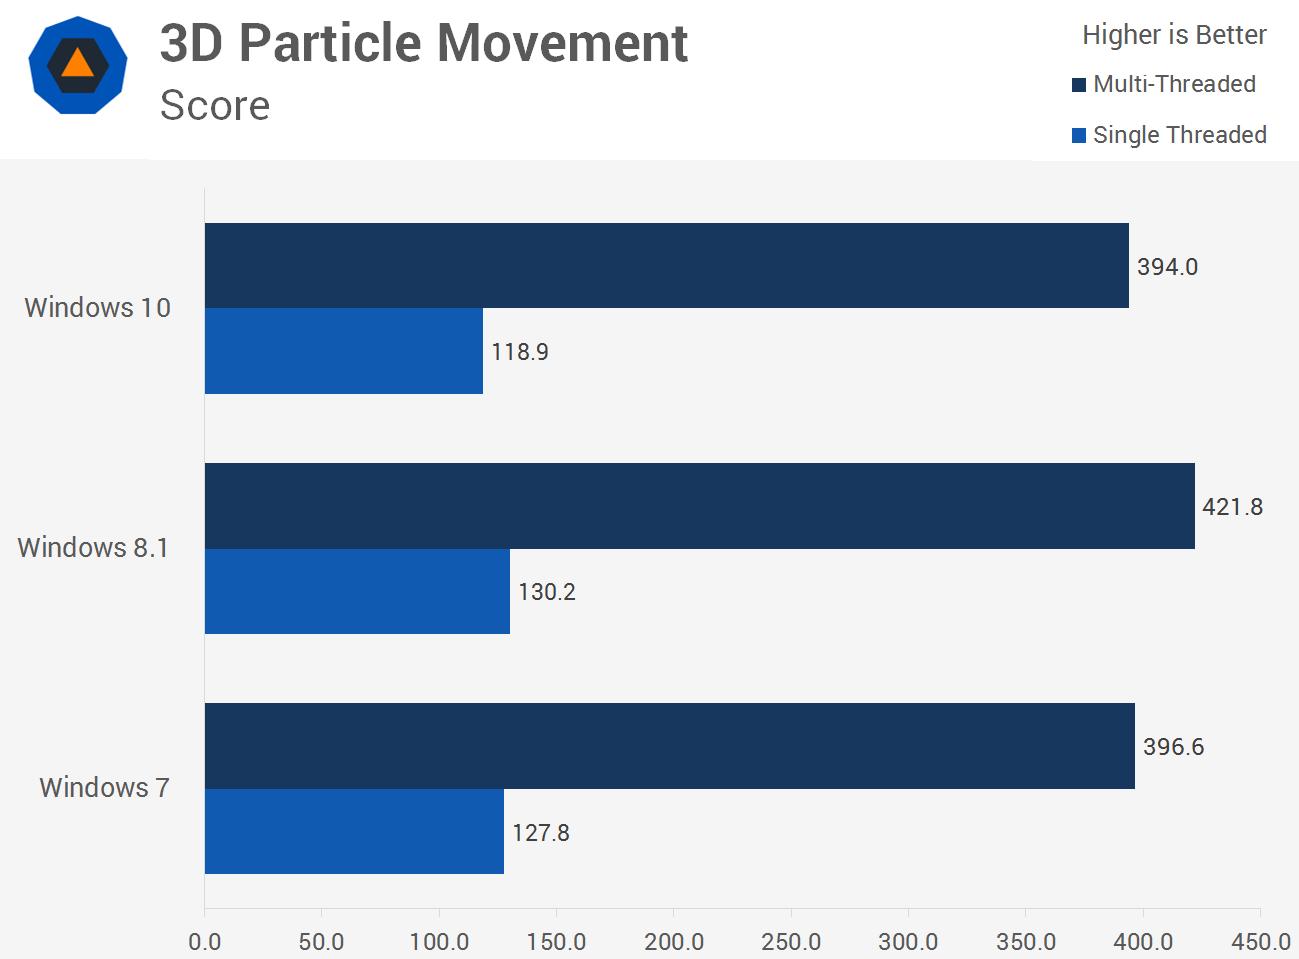 محاسبهی حرکت سهبعدی ذرات در محیط ویندوز 10، ویندوز 8.1 و ویندوز 7